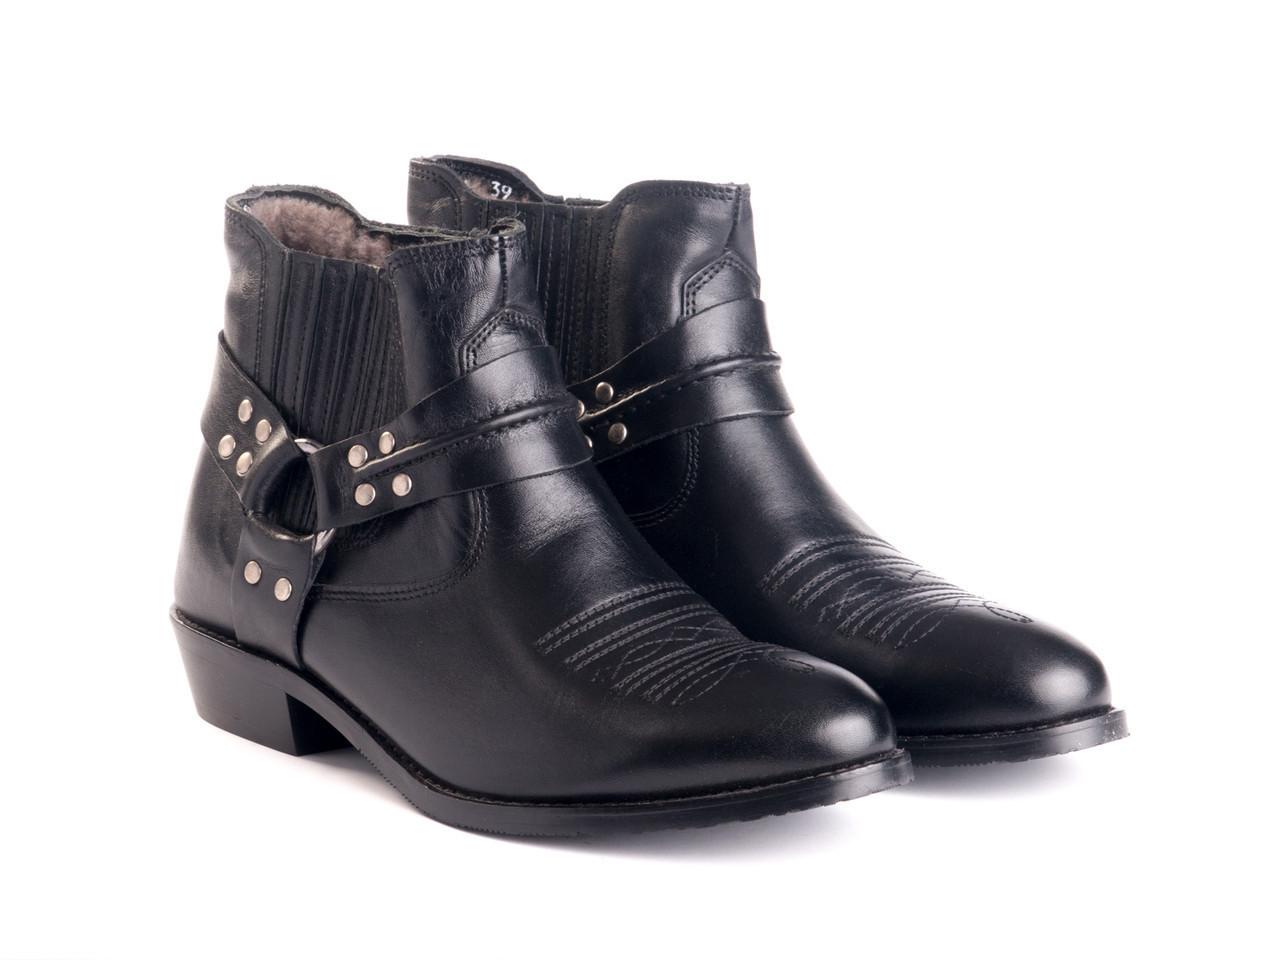 Ботинки Etor 10203-08-313 41 черный